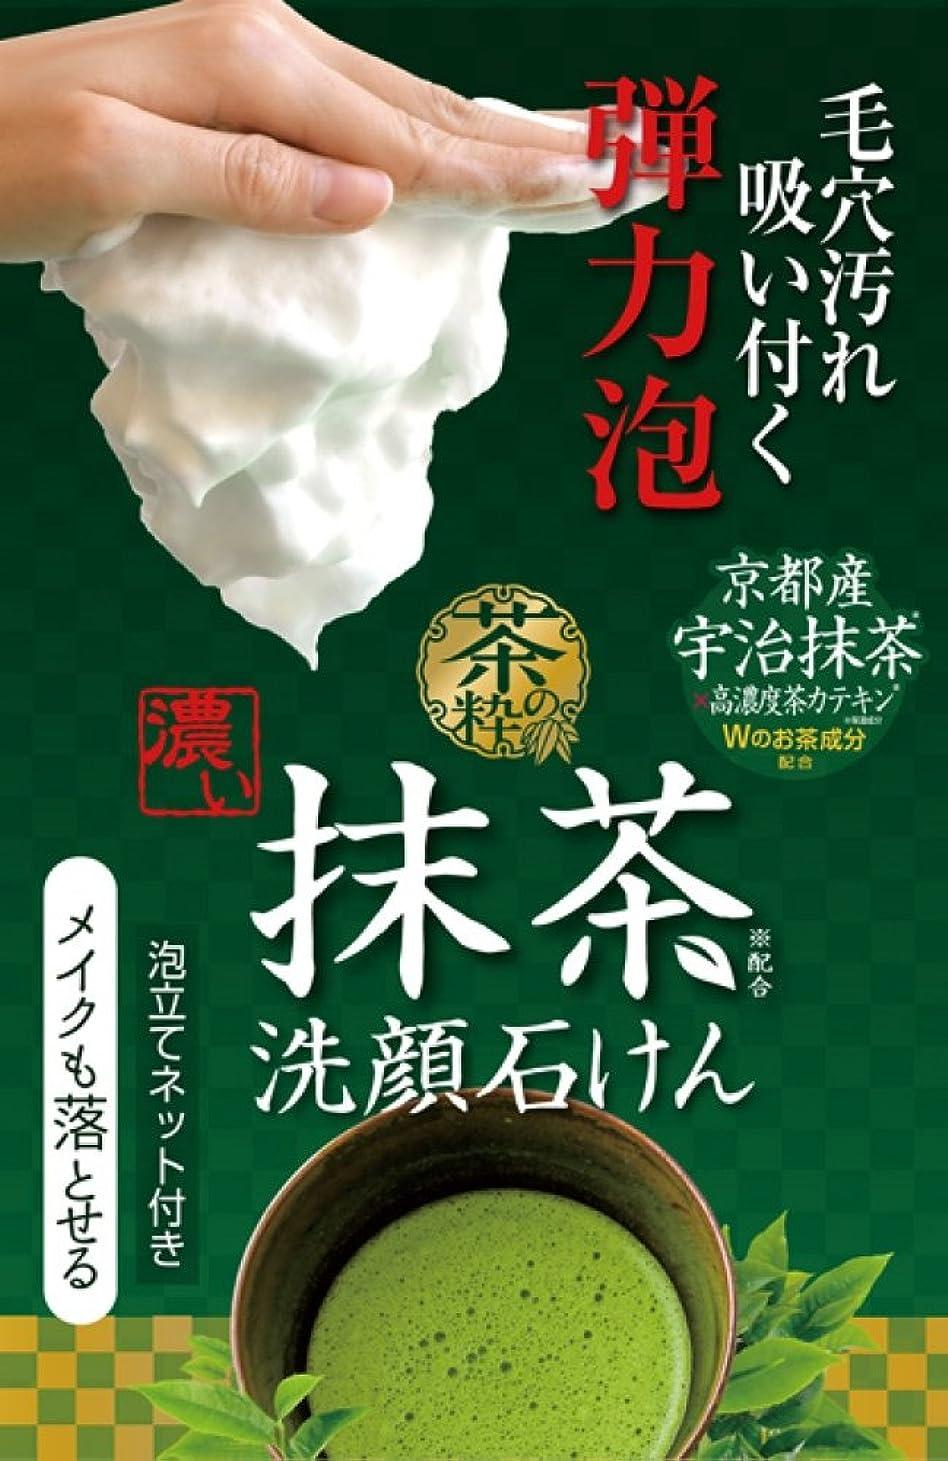 精神アグネスグレイホールド茶の粋 濃い洗顔石鹸M 100g (洗顔 メイク落とし 無添加)